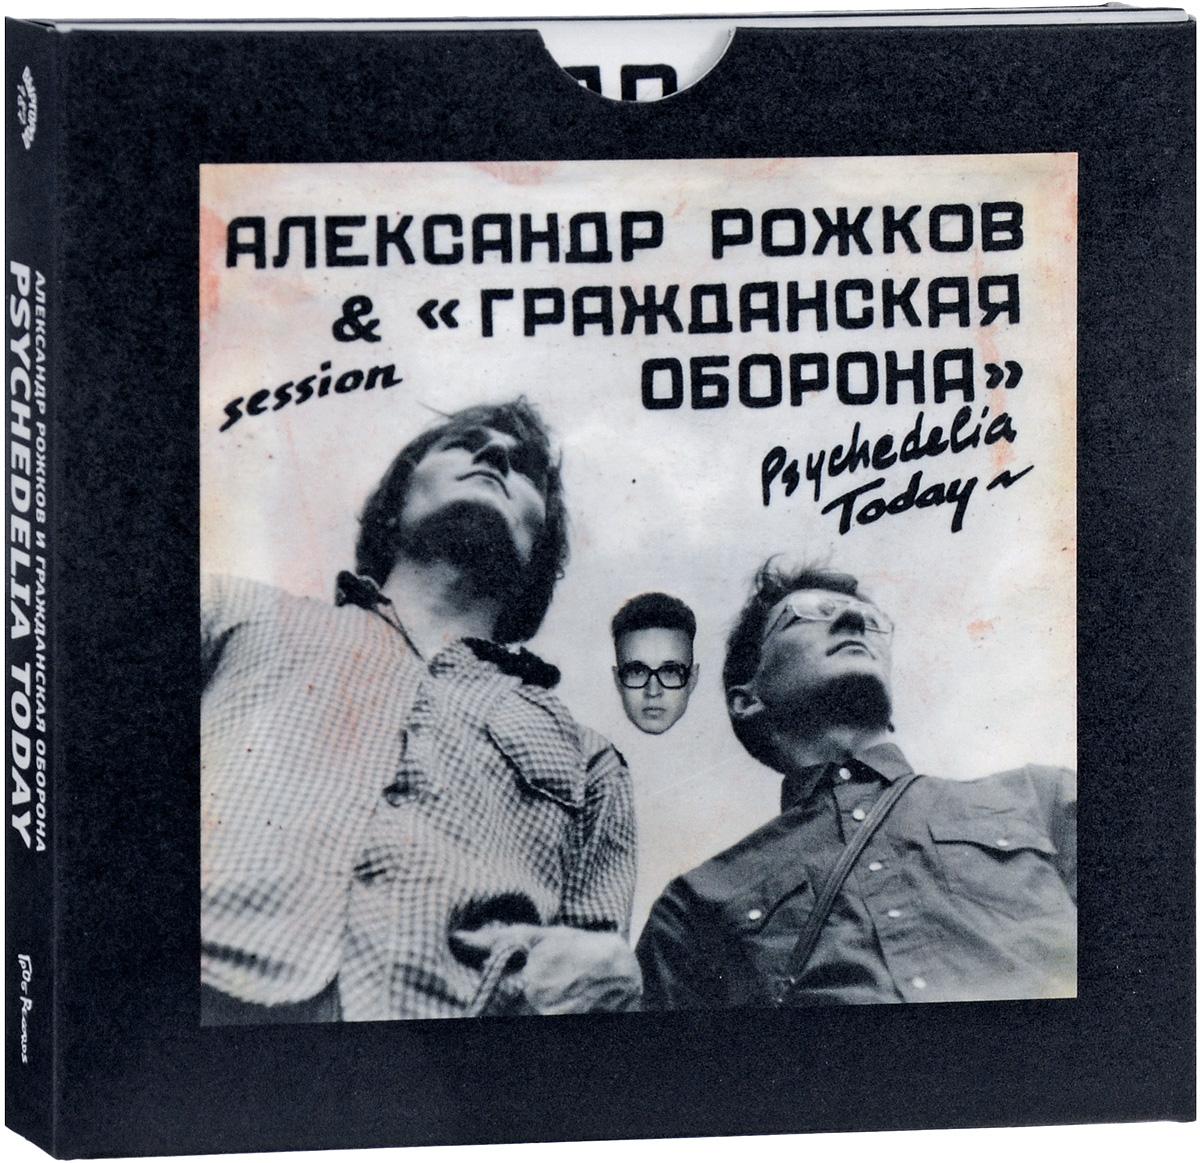 Рожков Александр и Гражданская Оборона. Psychedelia Today (2 CD черно-белая обложка) гражданская оборона гражданская оборона часть 1 mp3